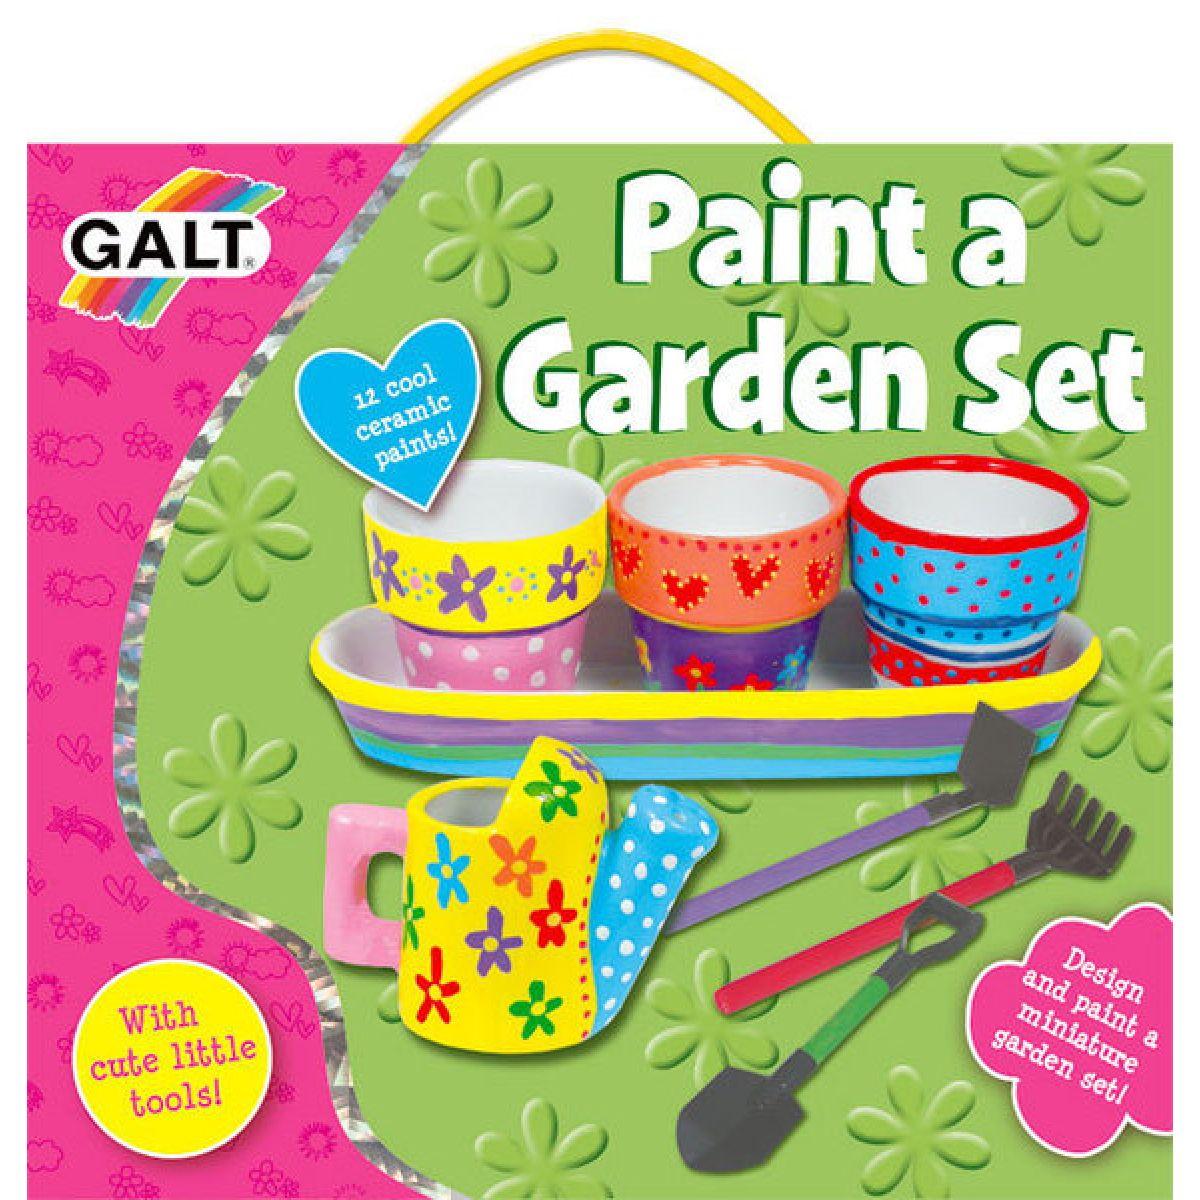 GALT GA1003001 - Malování na zahradní set